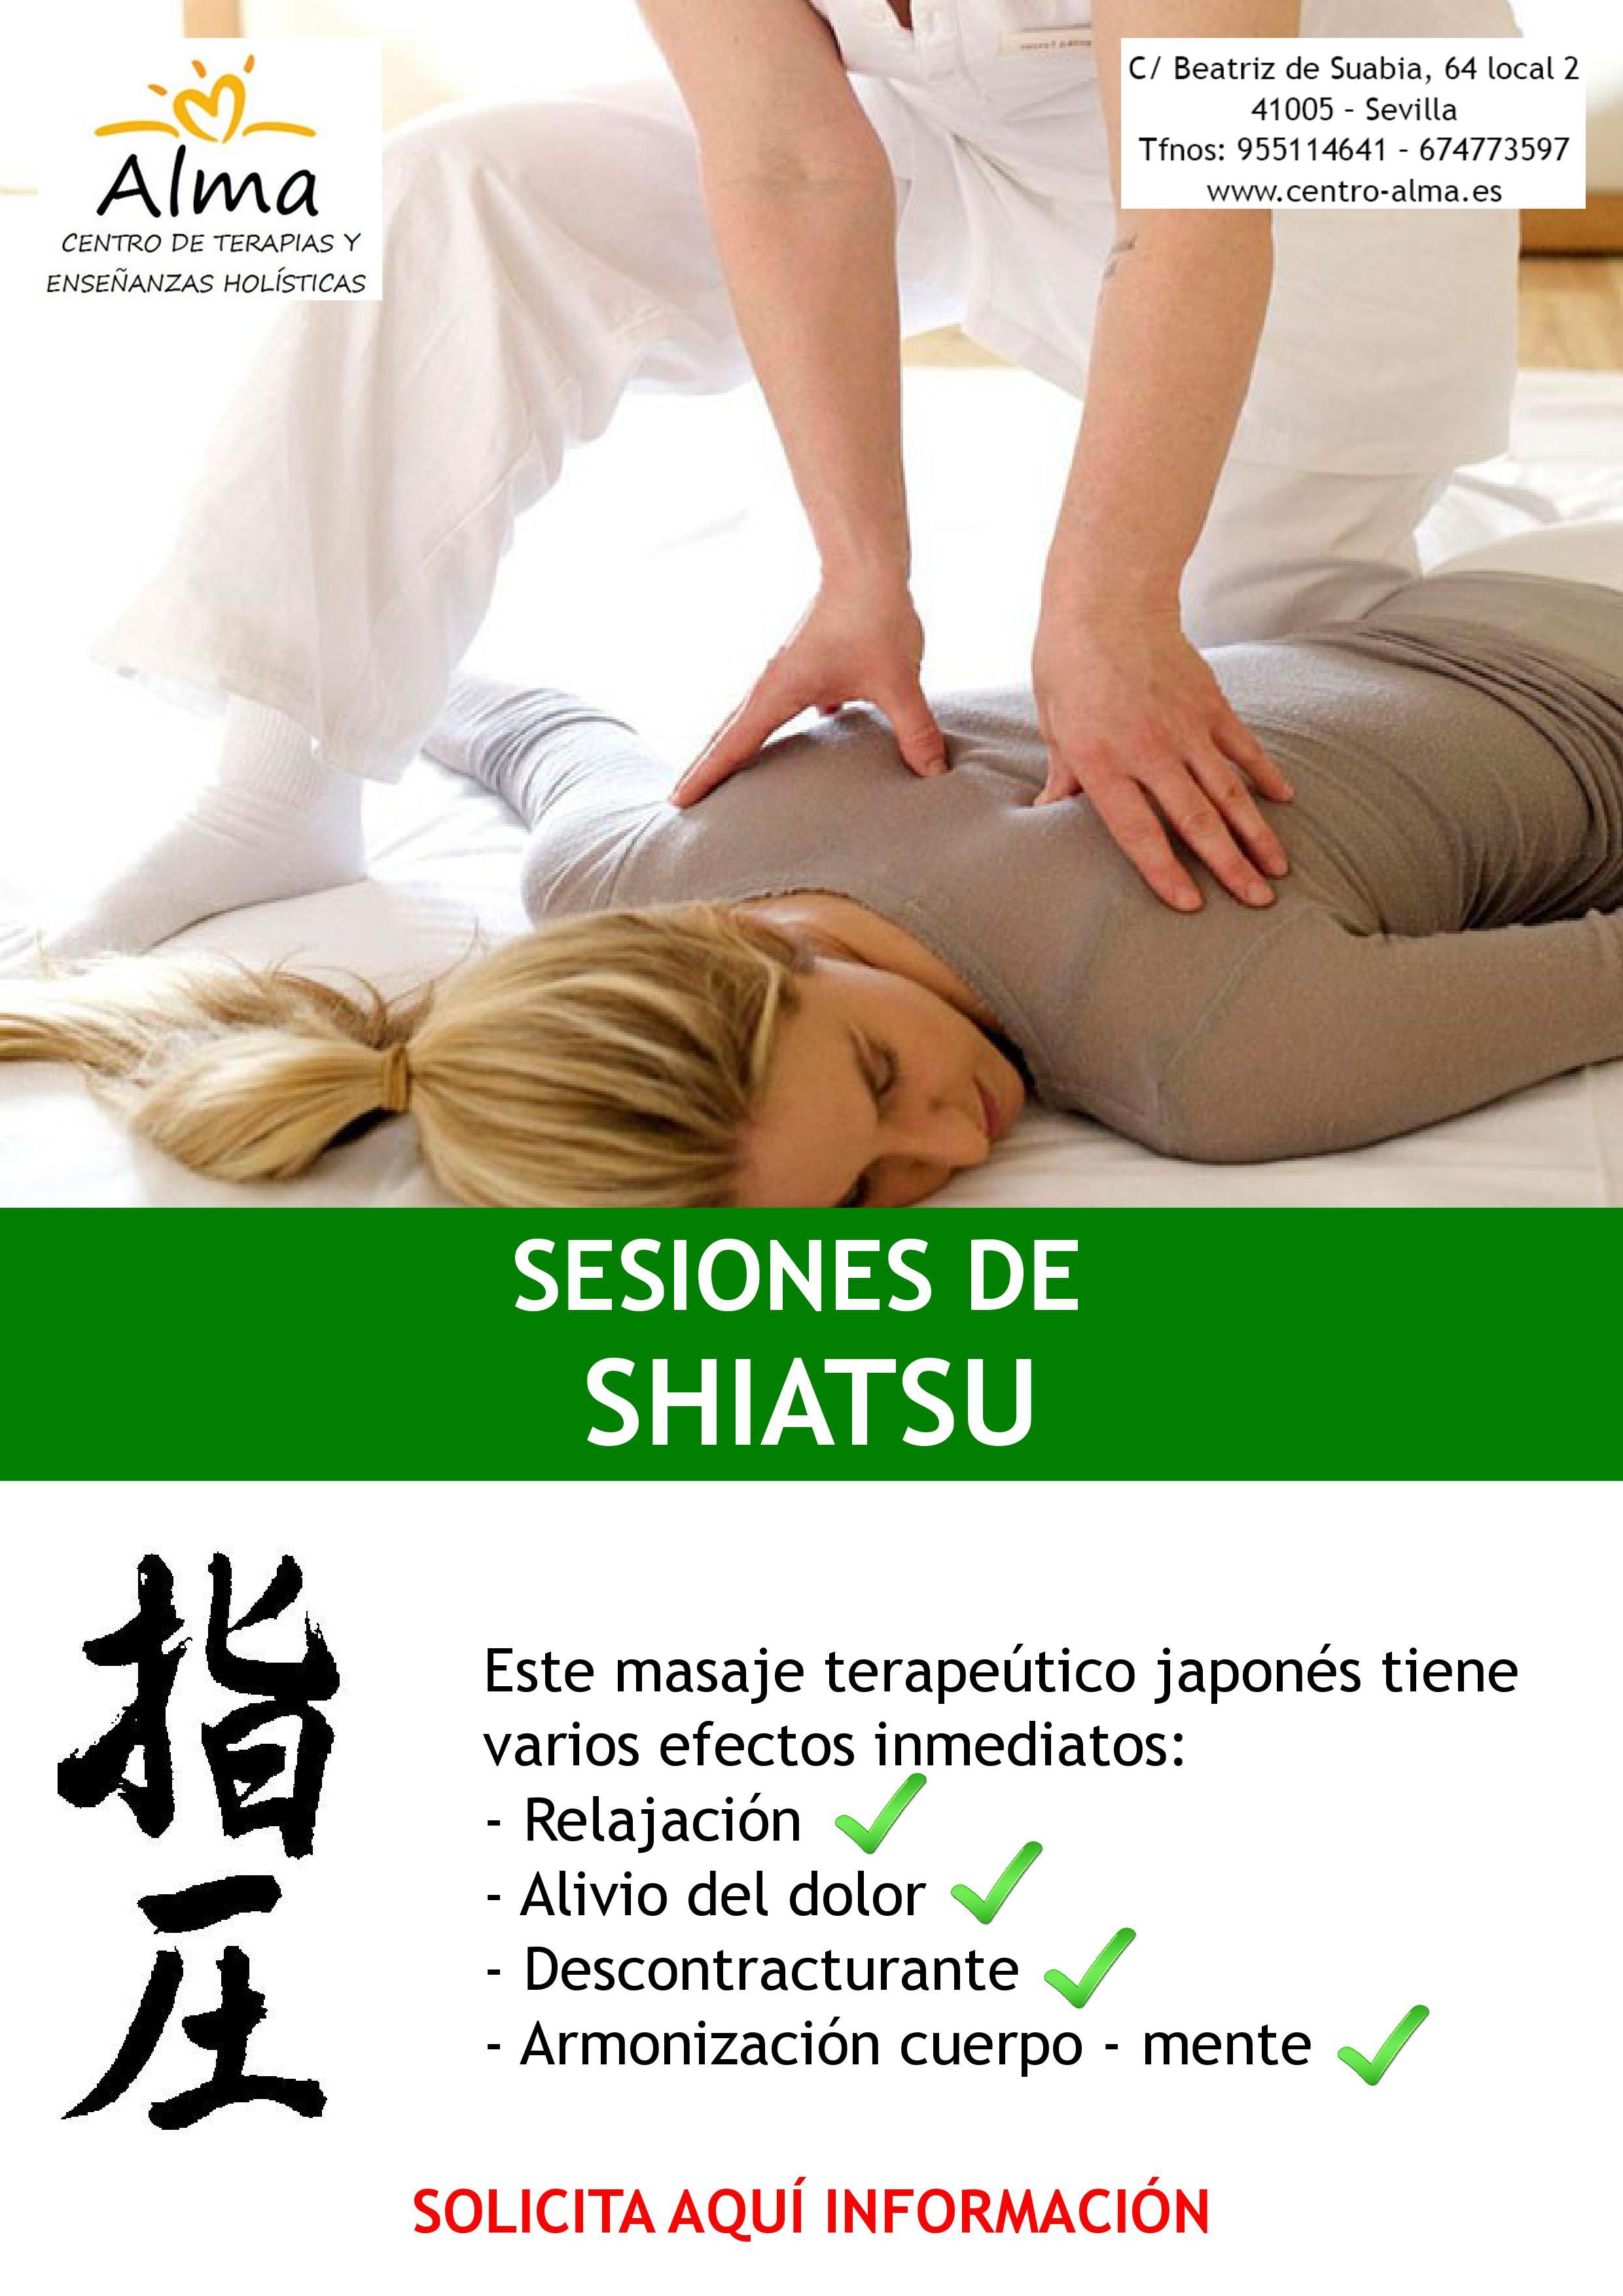 shiatsu 1